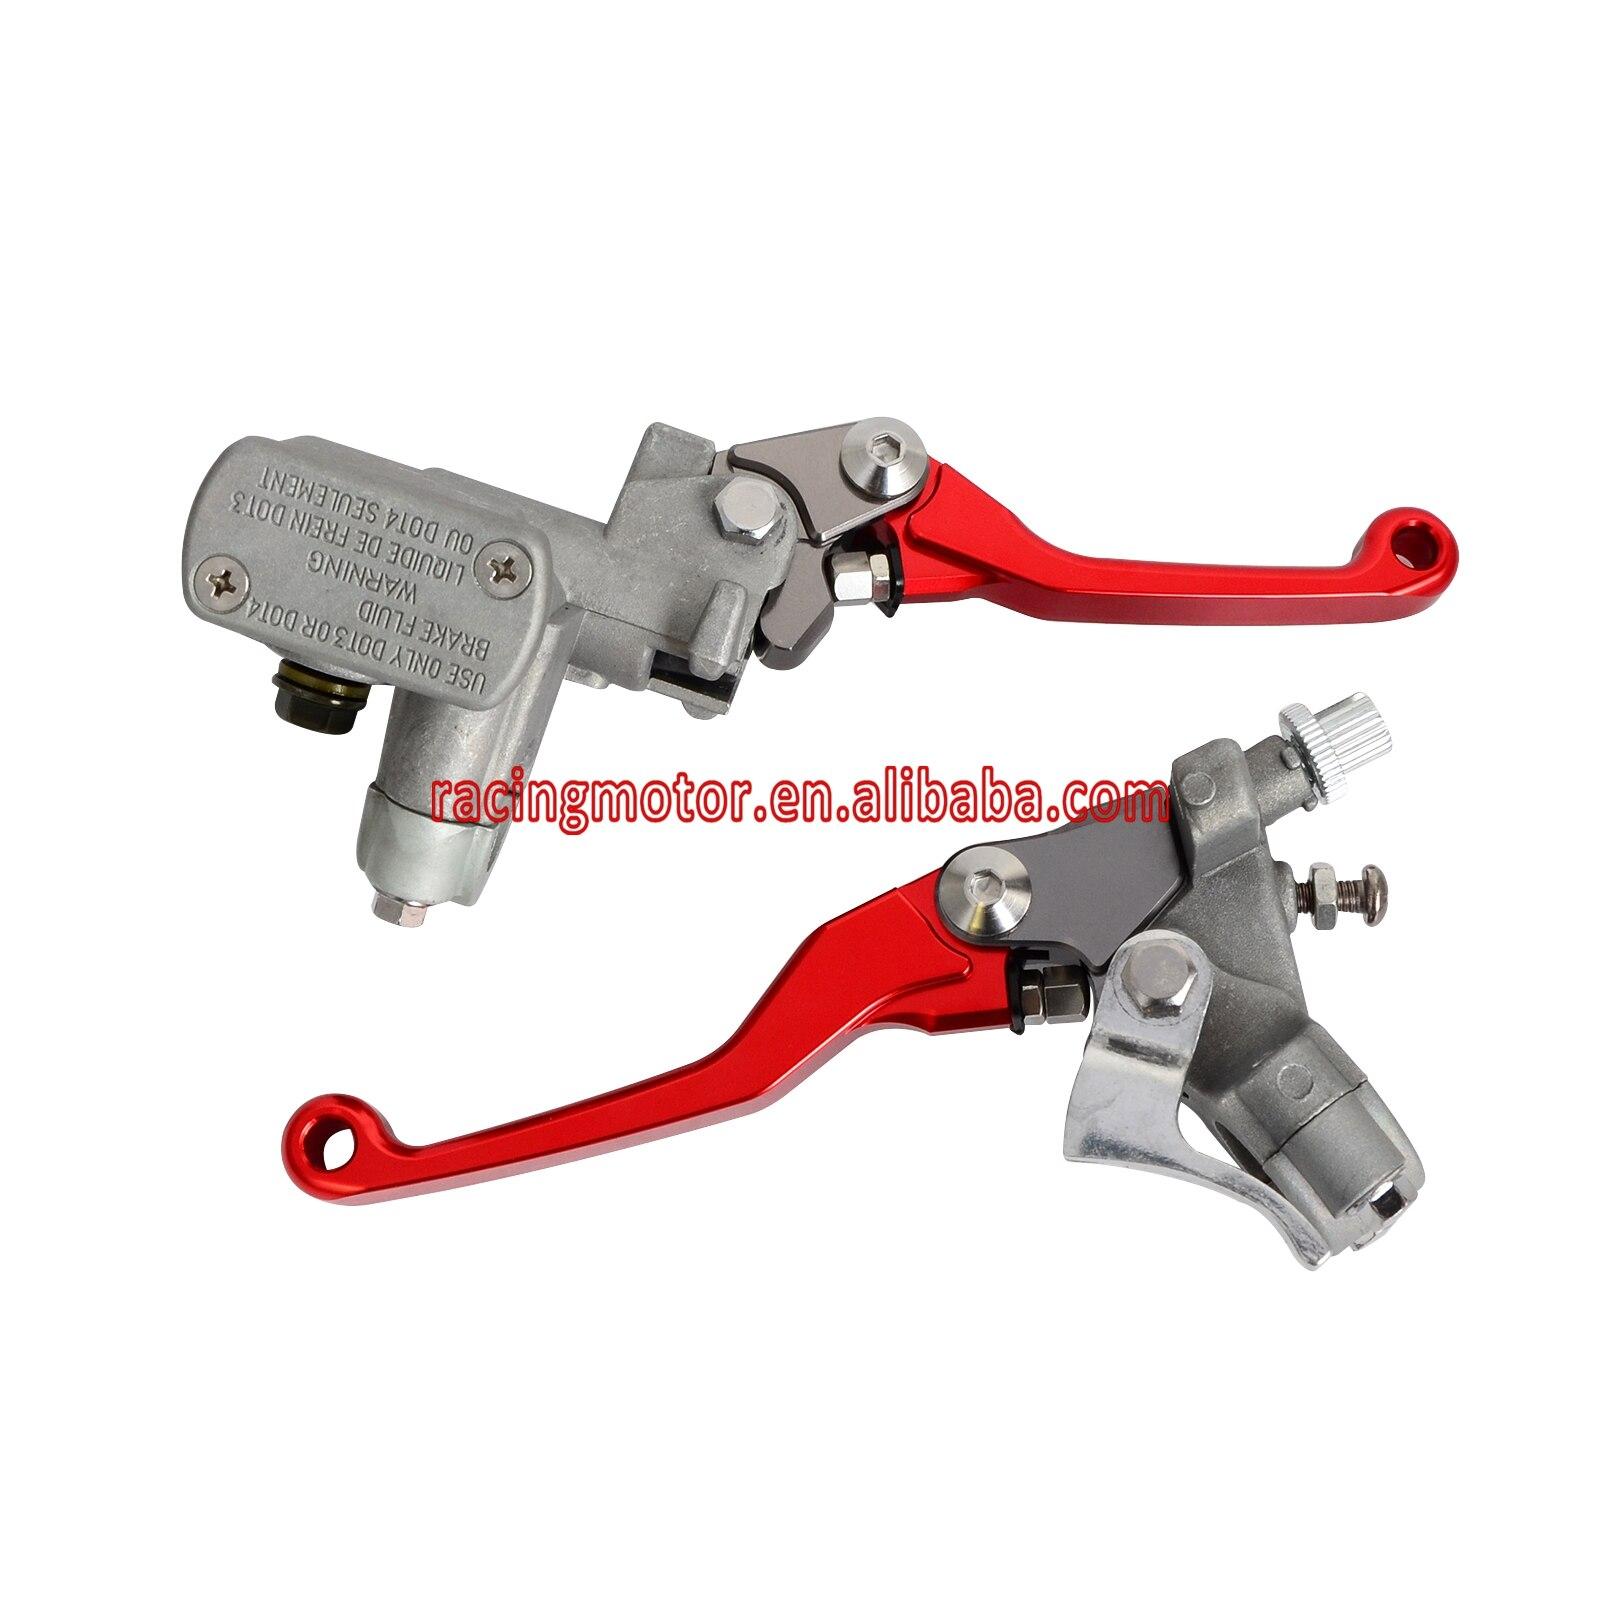 Red Brake Clutch Master Cylinder Lever For Honda CR125R CR250R CR500R CRF150R CRF250R CRF250X CRF450R CRF450X